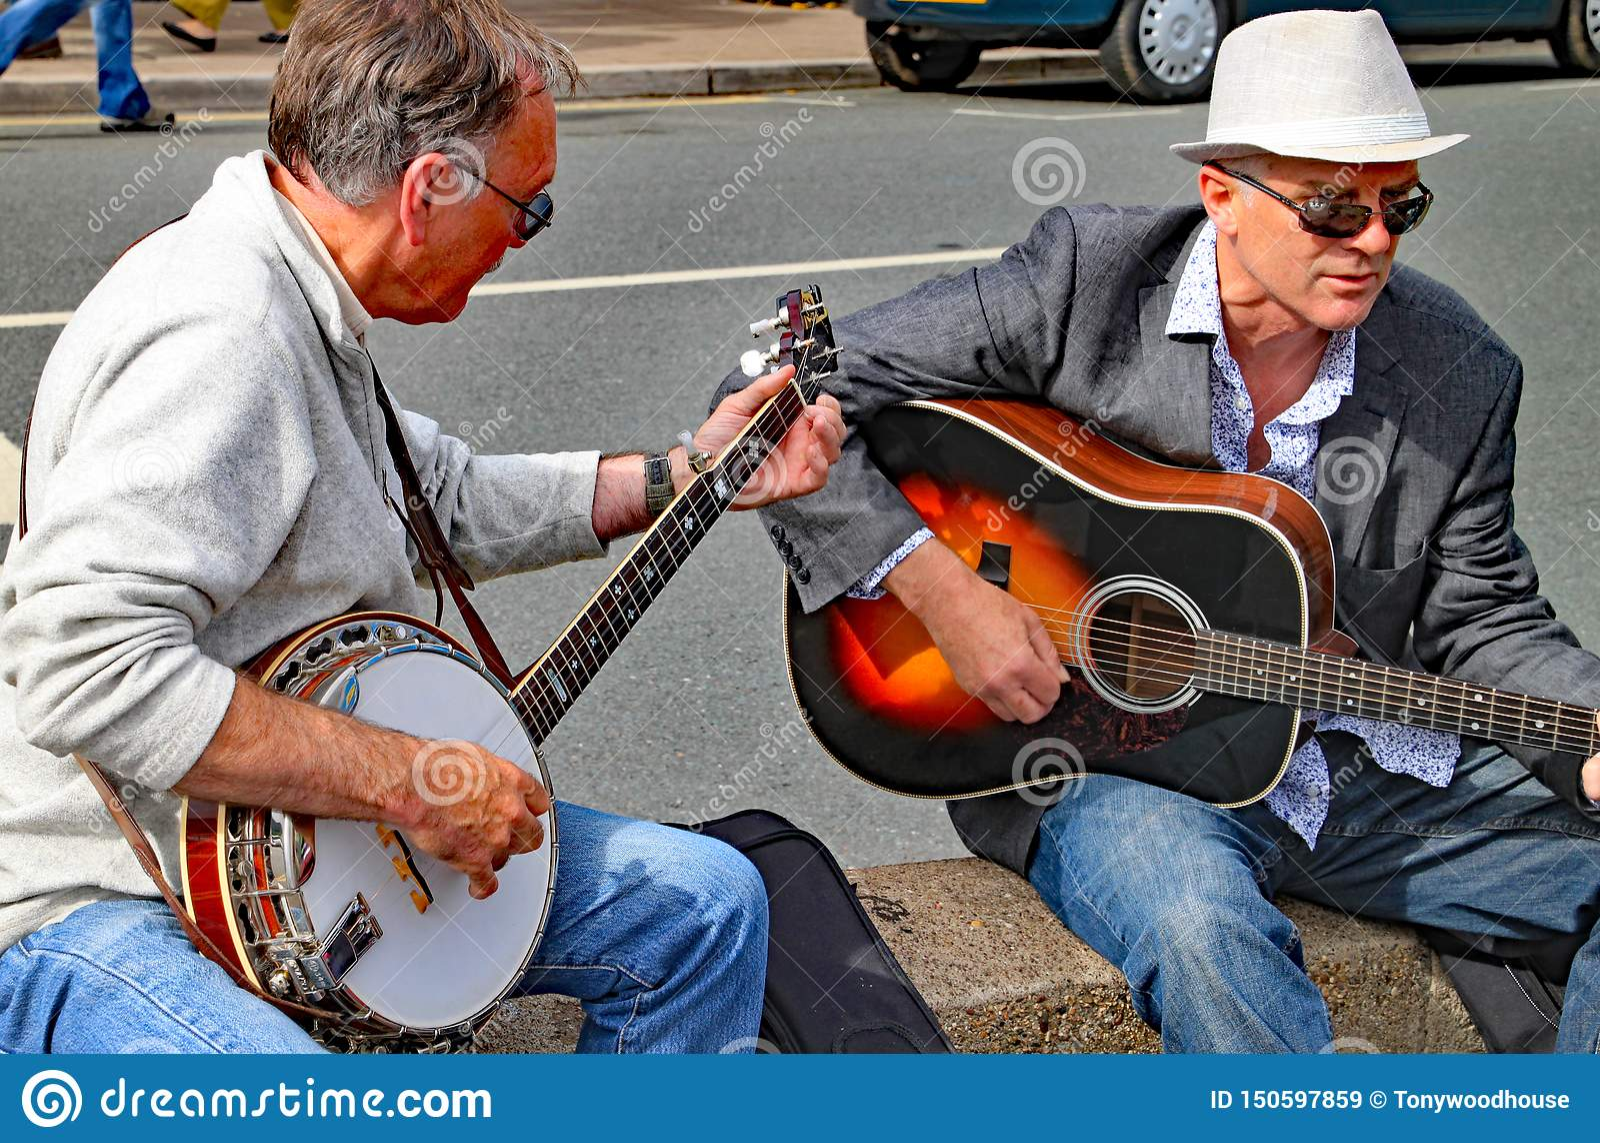 SIDMOUTH, DEVON, ANGLETERRE - 8 AOÛT 2012 : Deux hommes jouent une guitare et un banjo sur une représentation impromptue de rue s